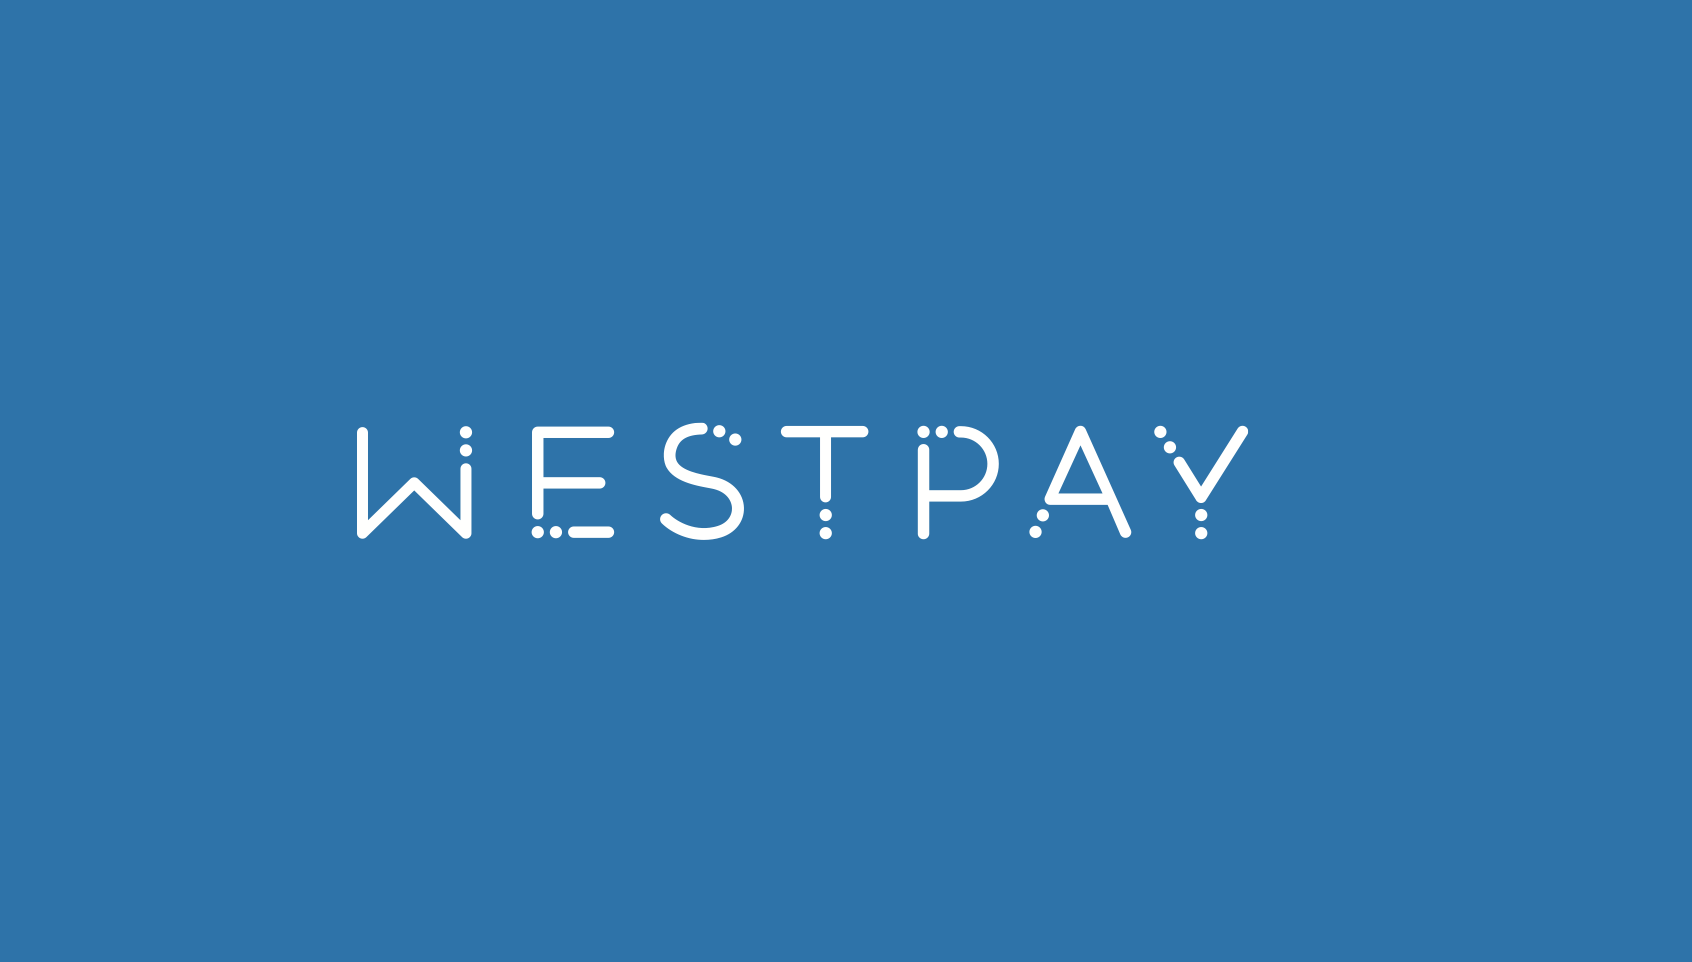 Westpay AB: Fortegningsemission